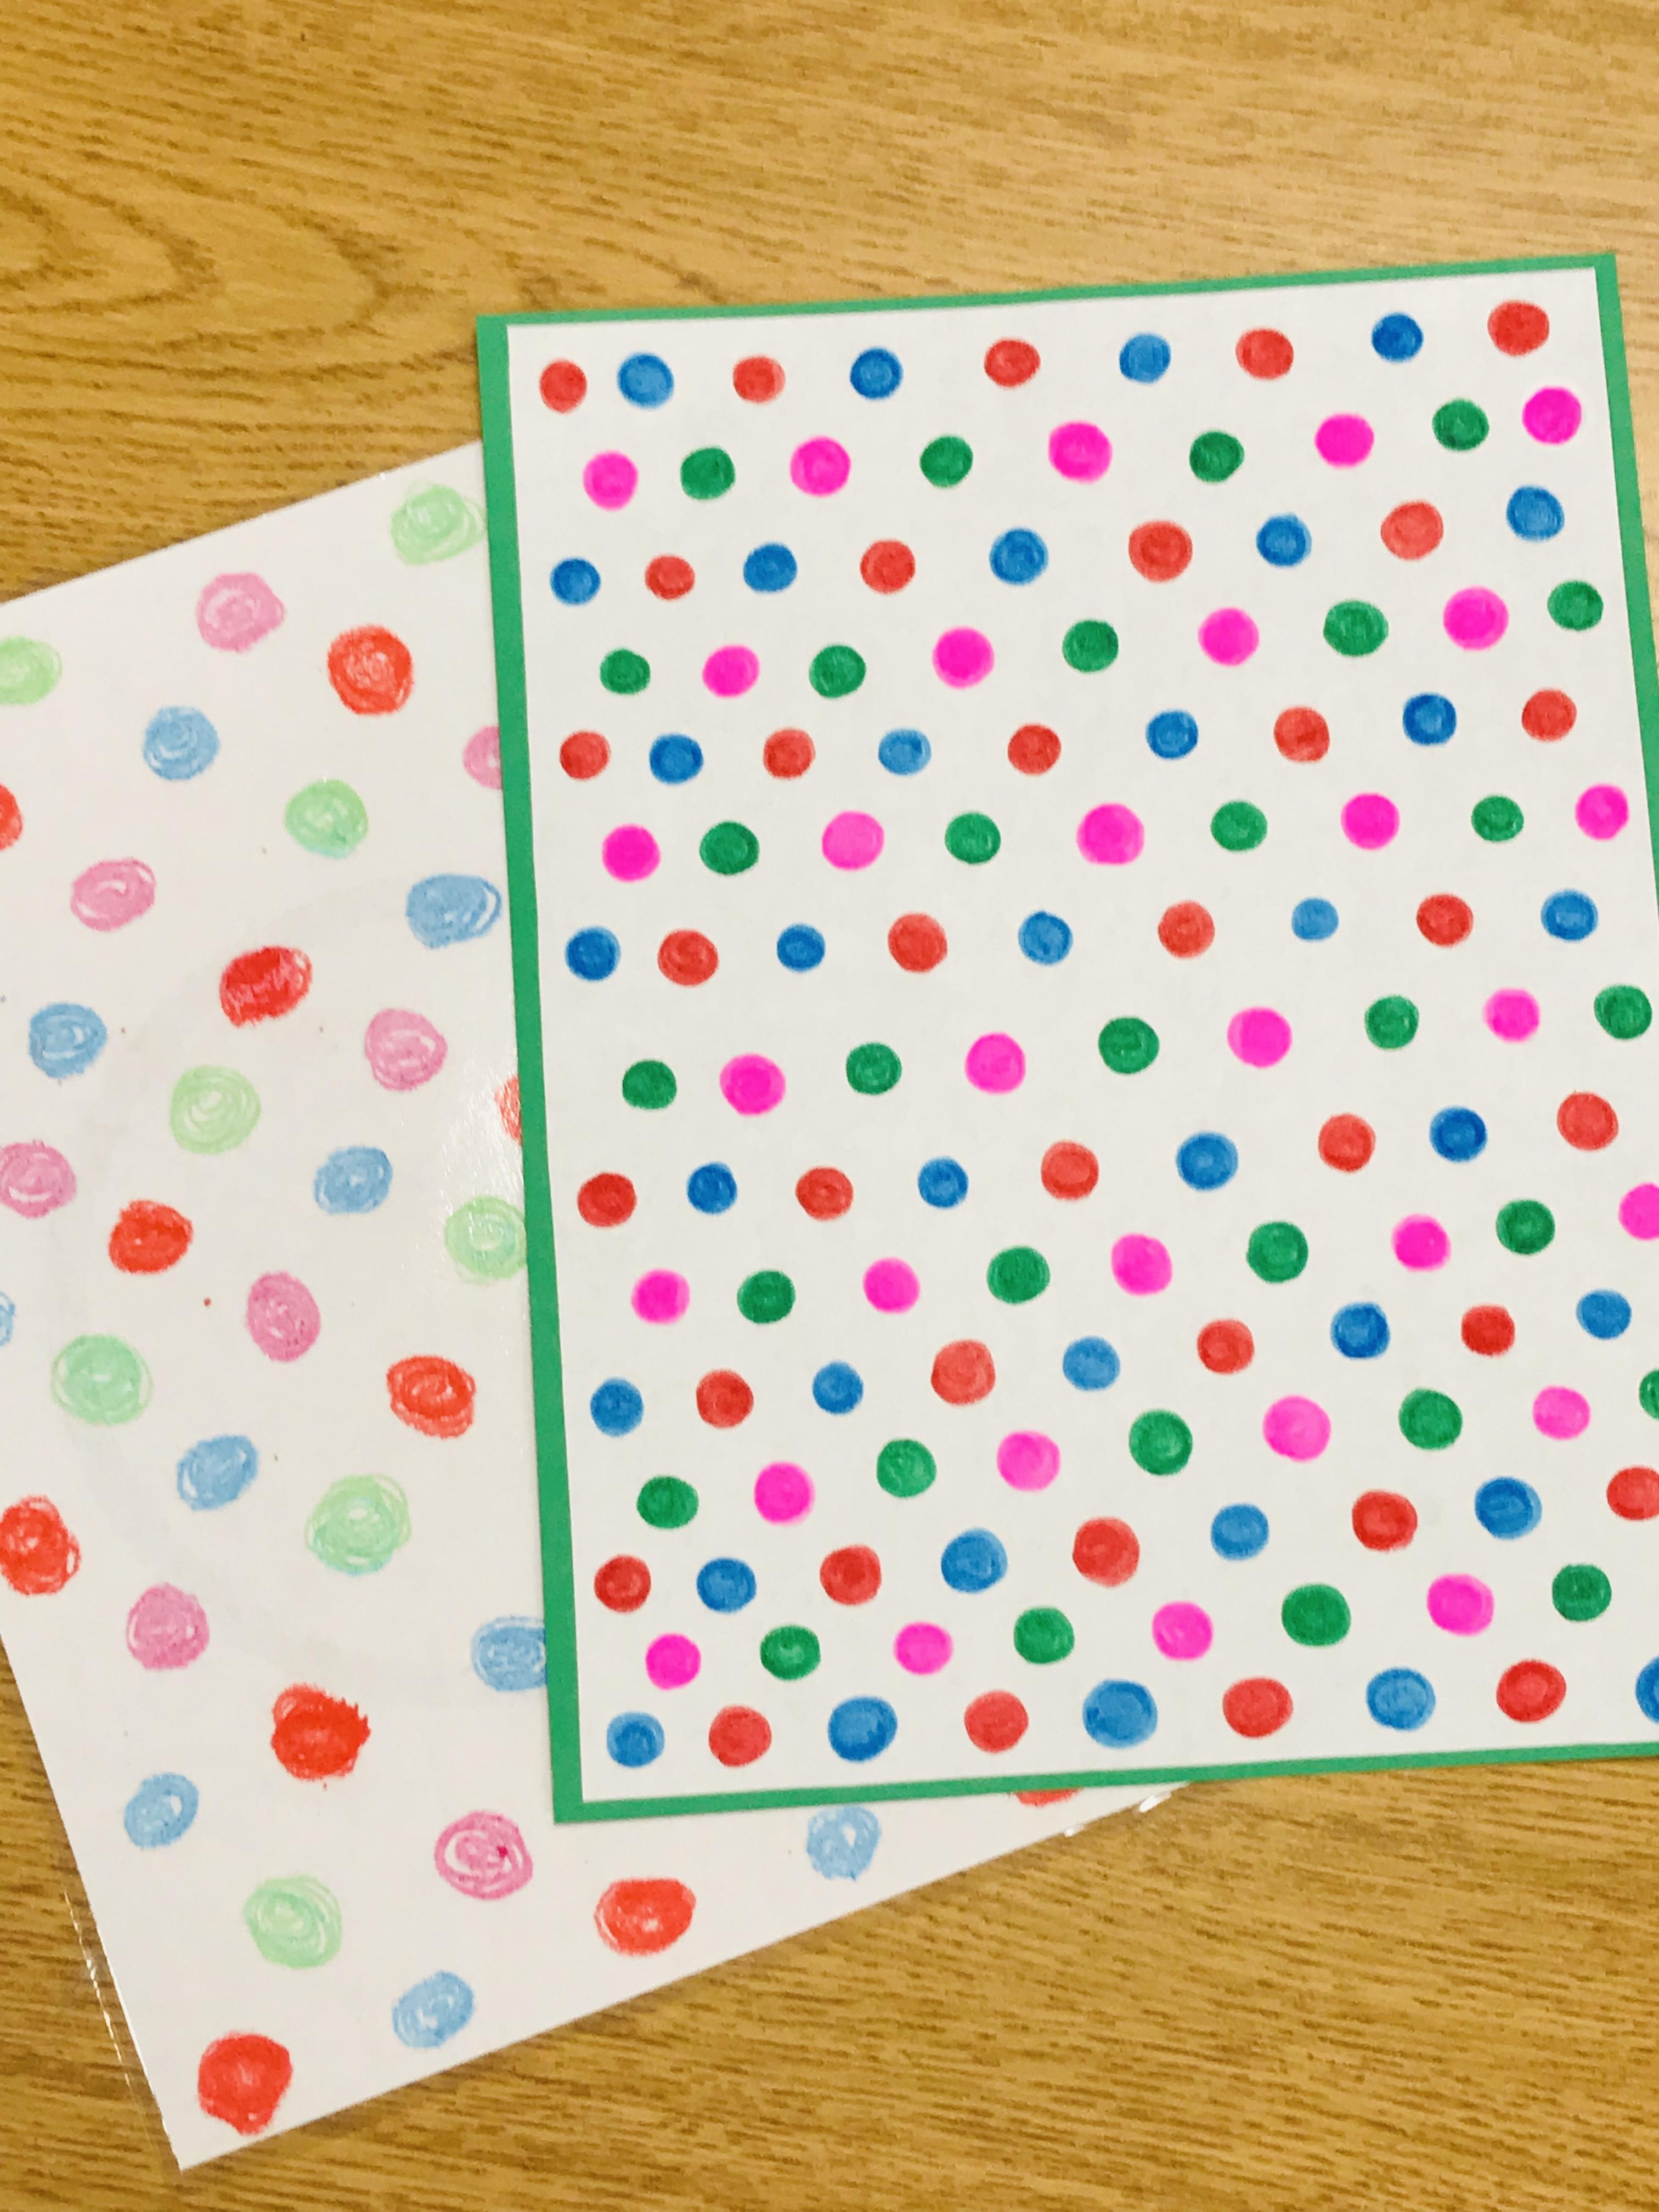 Sheet of colorful polka dots